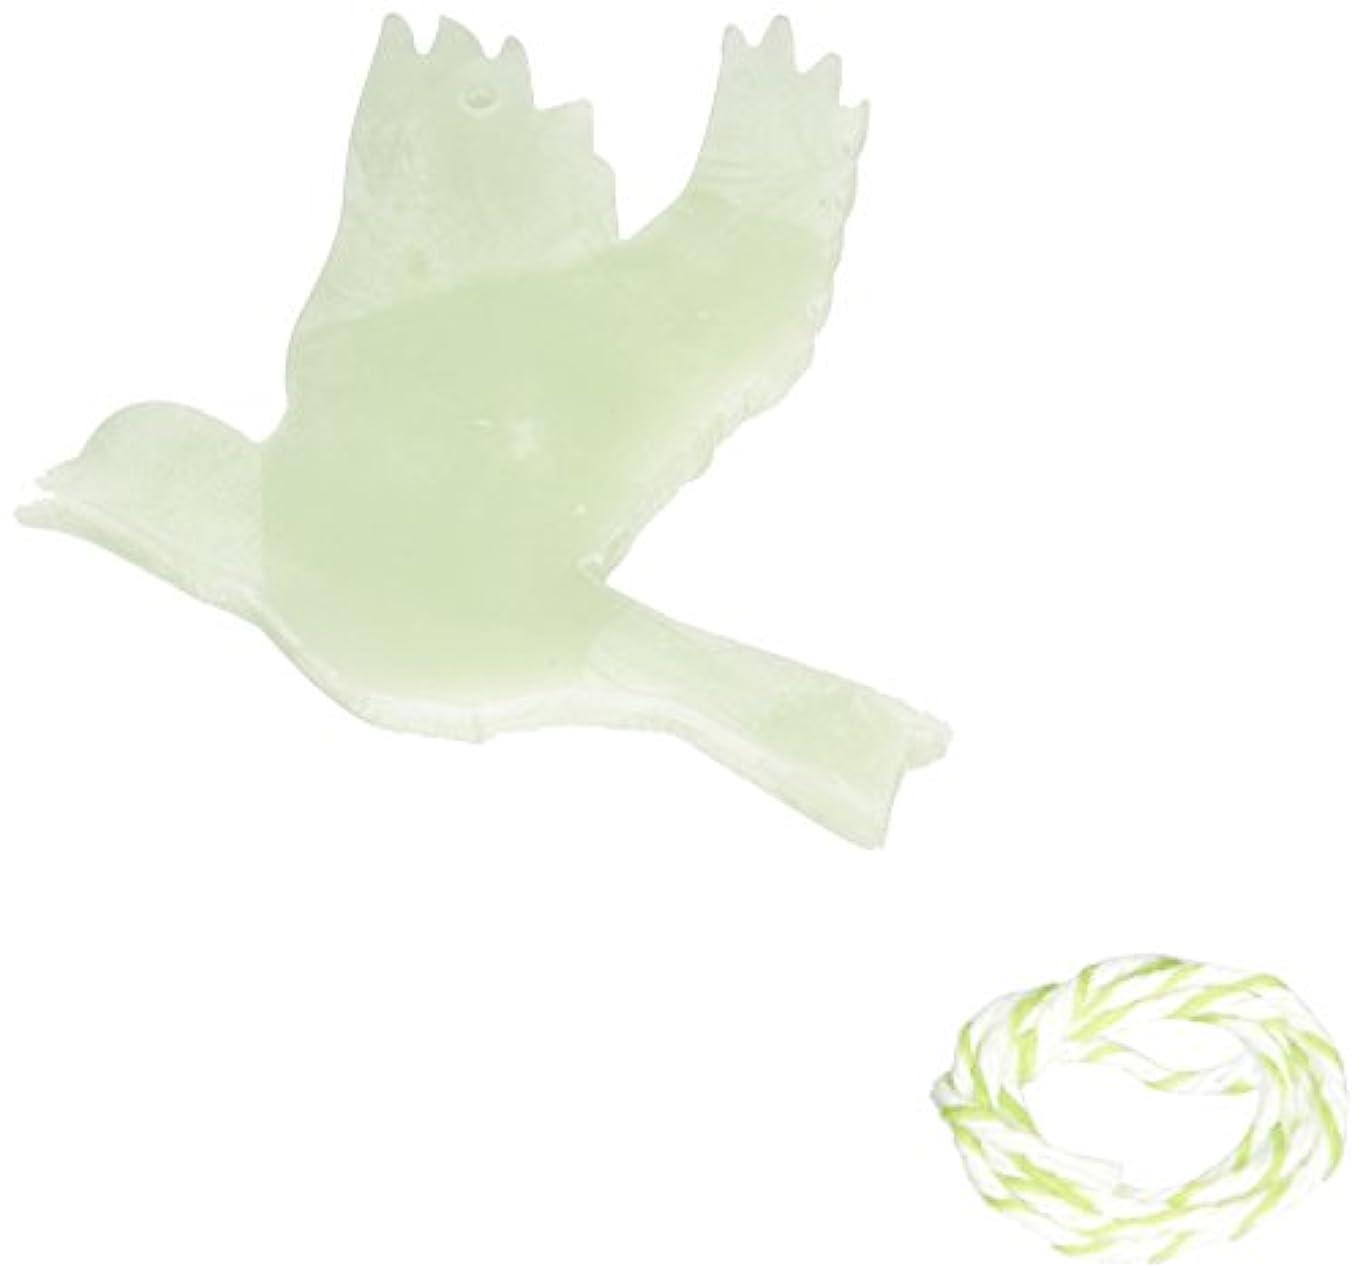 禁止する意気込み薬剤師GRASSE TOKYO AROMATICWAXチャーム「ハト」(GR) レモングラス アロマティックワックス グラーストウキョウ